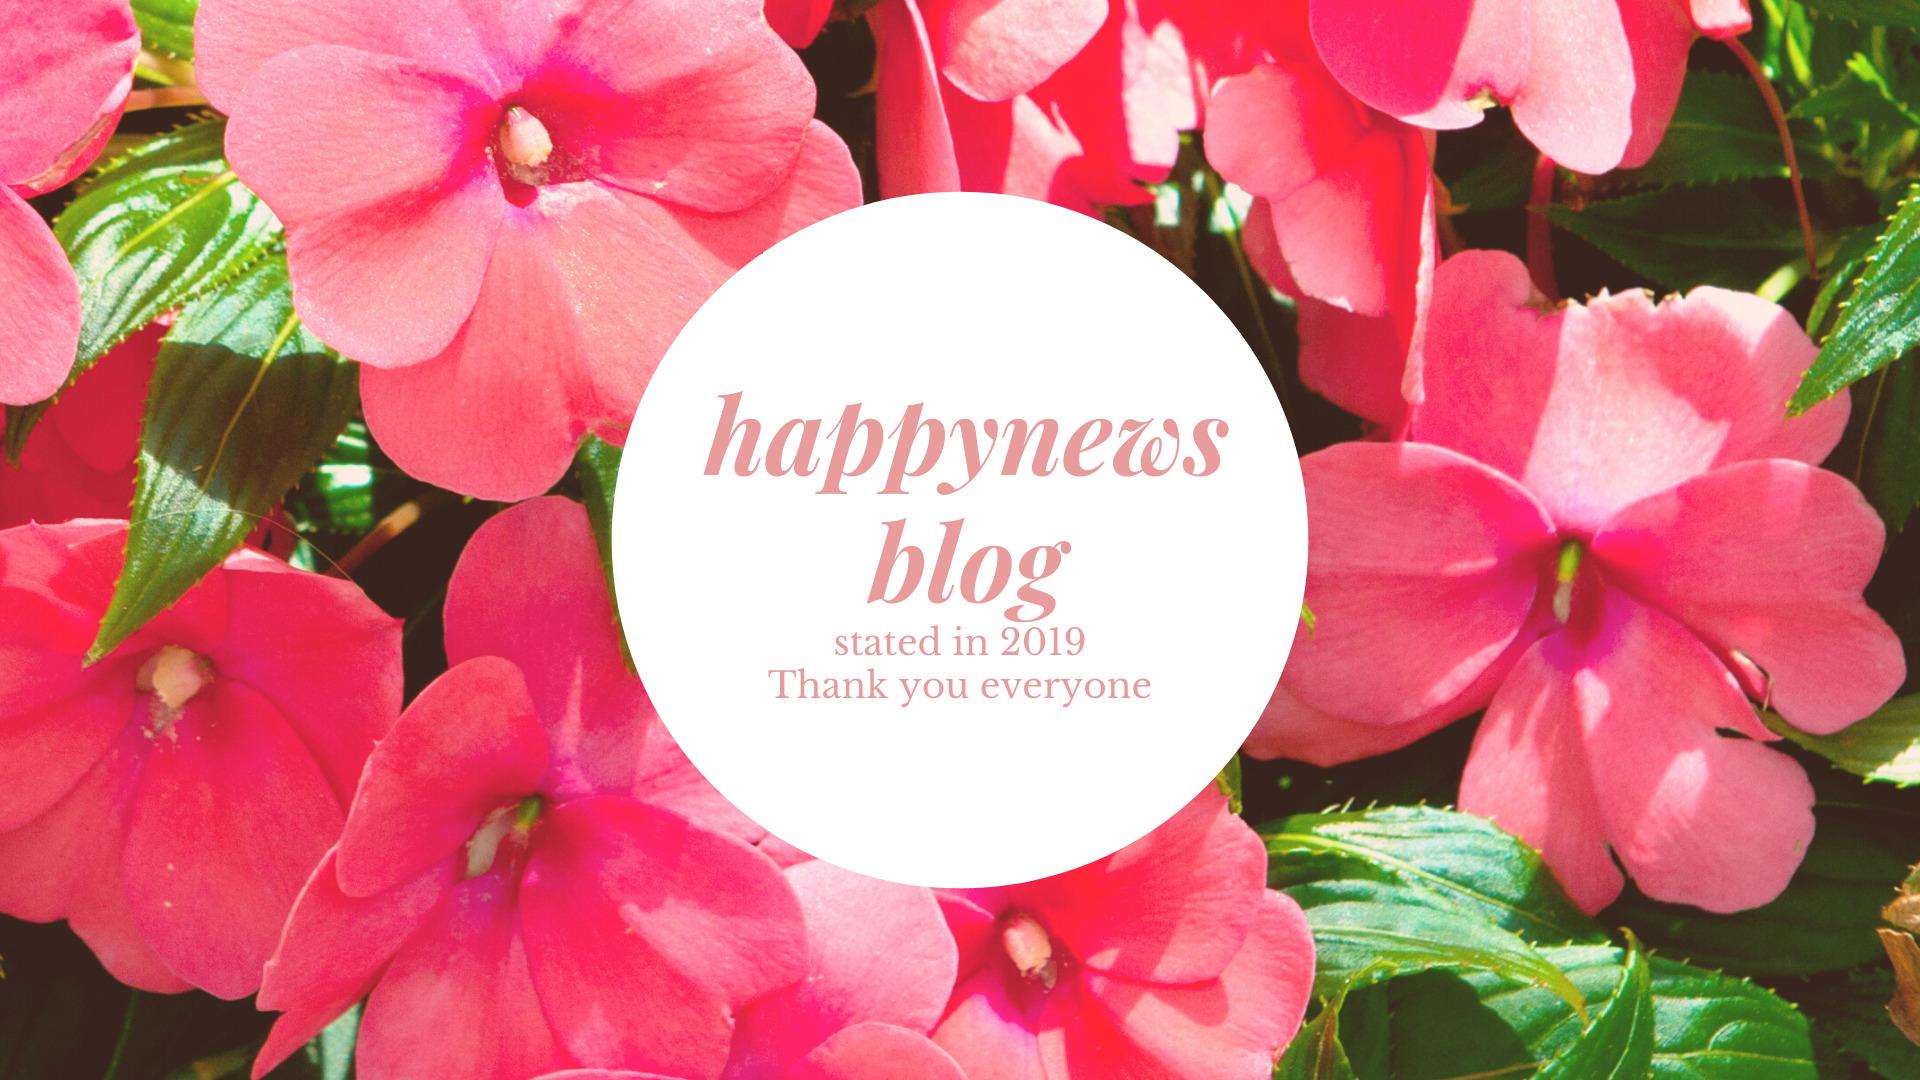 happynewsblog